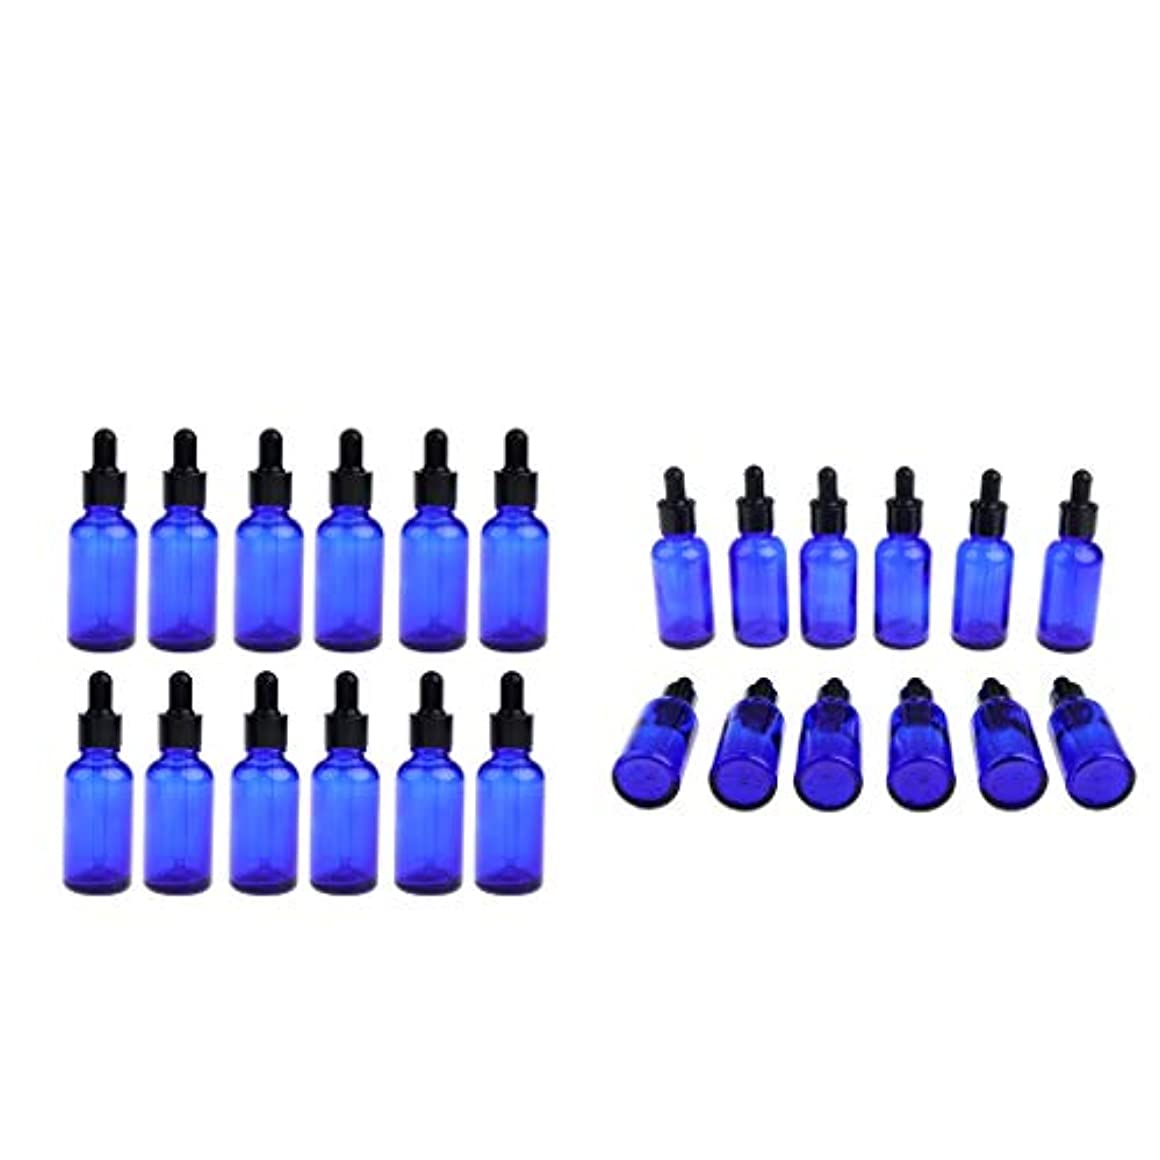 置くためにパック気になる代表スポイトボトル ガラス 滴瓶 ドロッパーボトル 30ml アロマボトル スポイト精油分け瓶